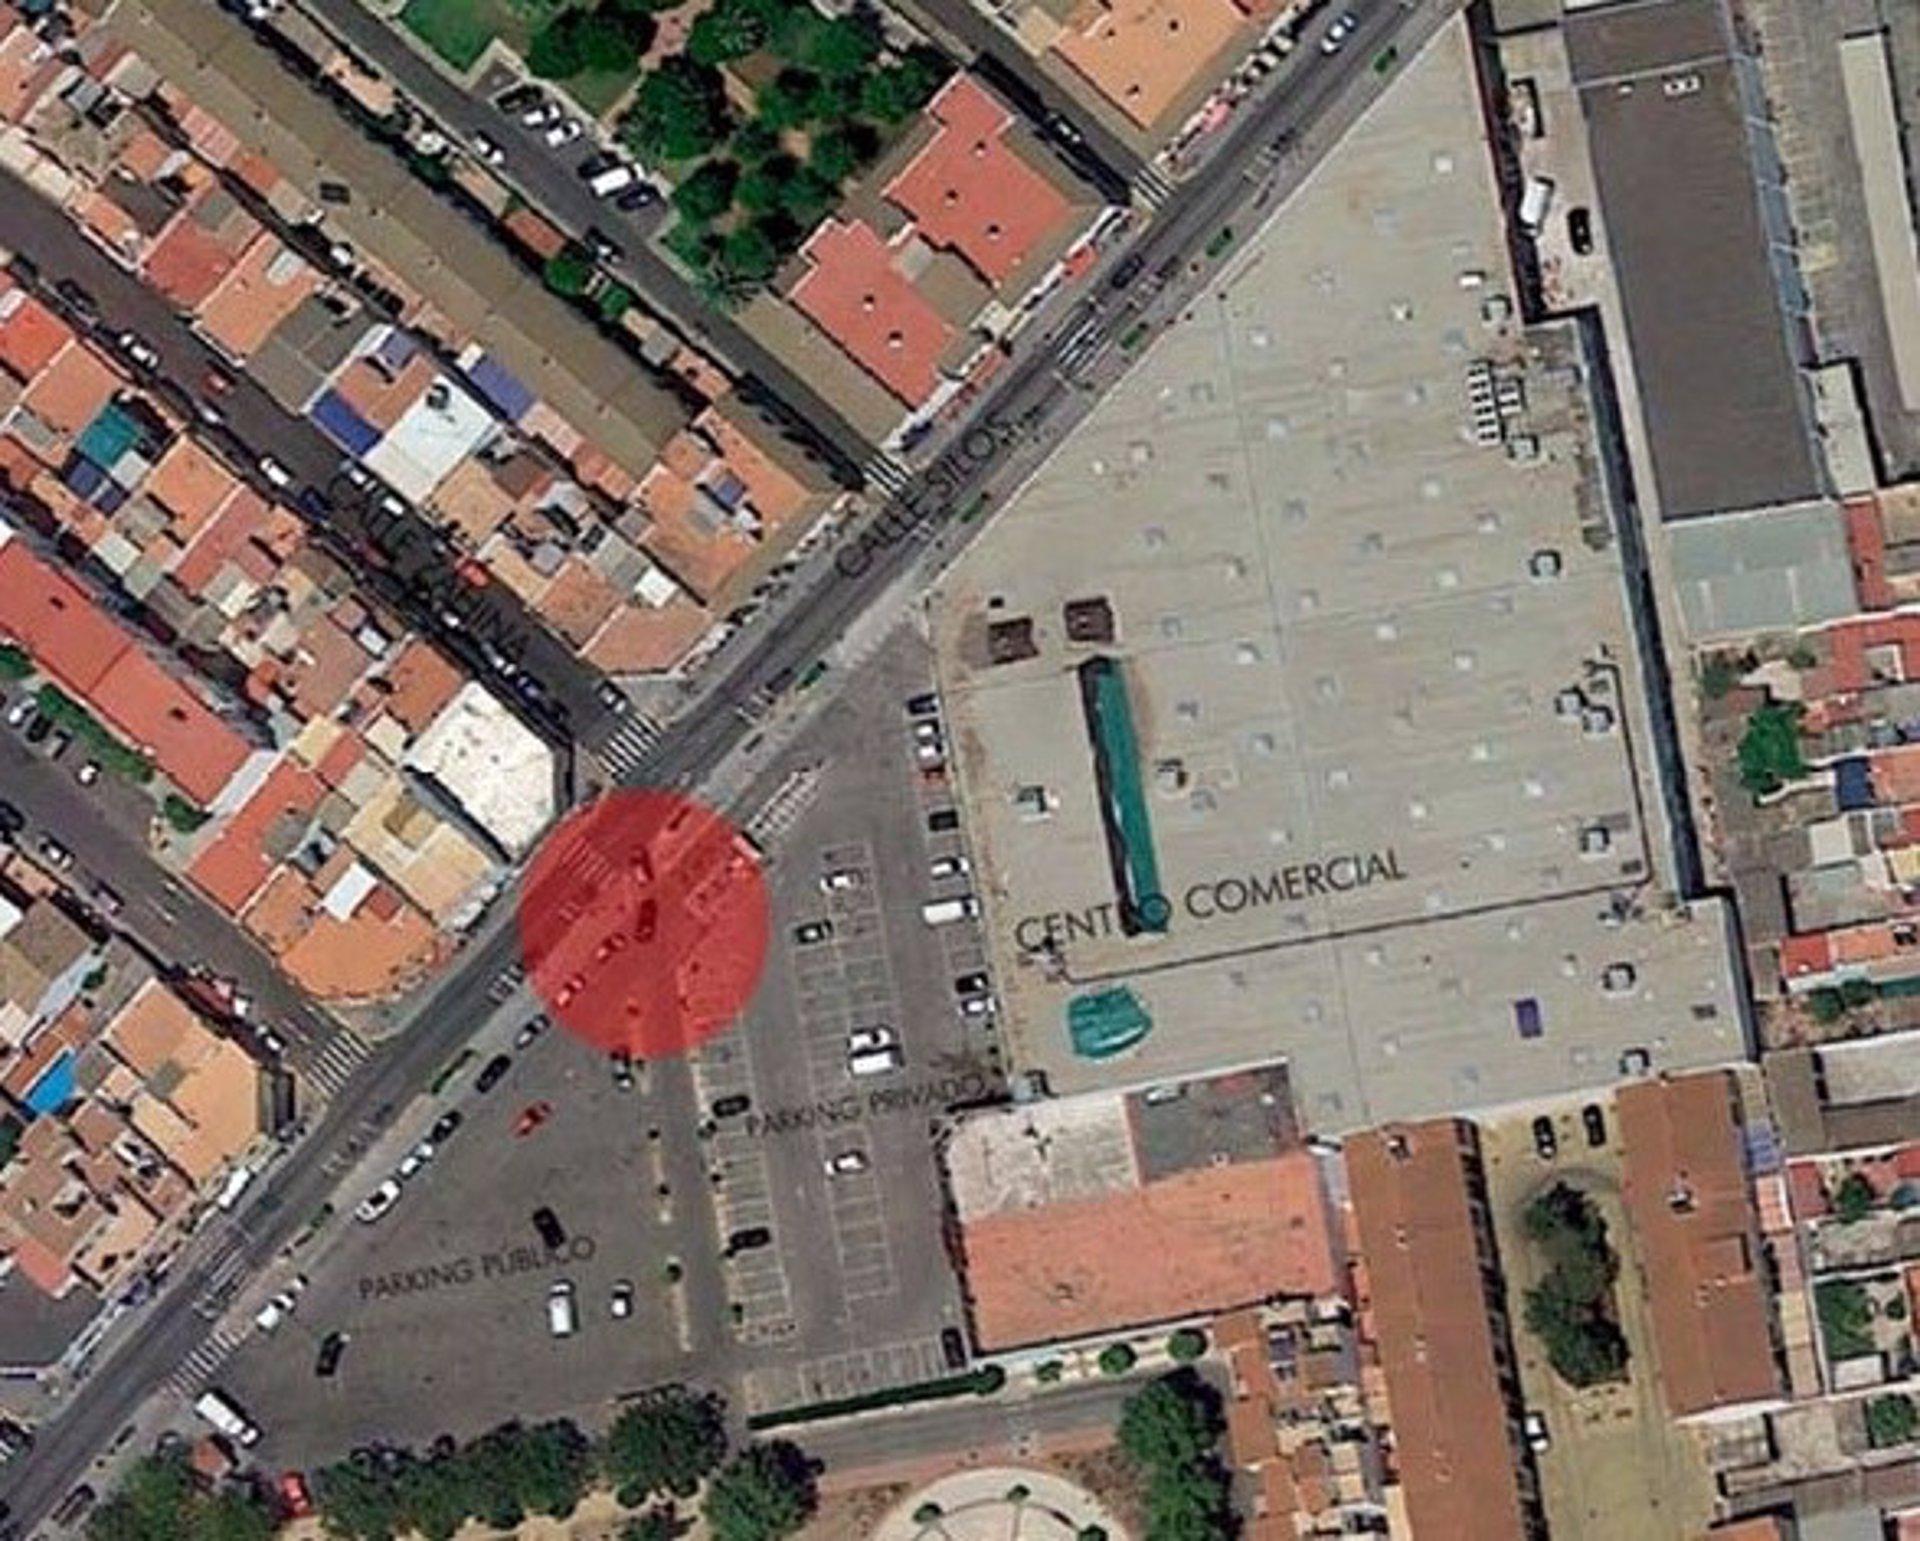 Sevilla.- Vía libre a la nueva rotonda en calle Silos de Alcalá que regulará el acceso aparcamiento y centro comercial